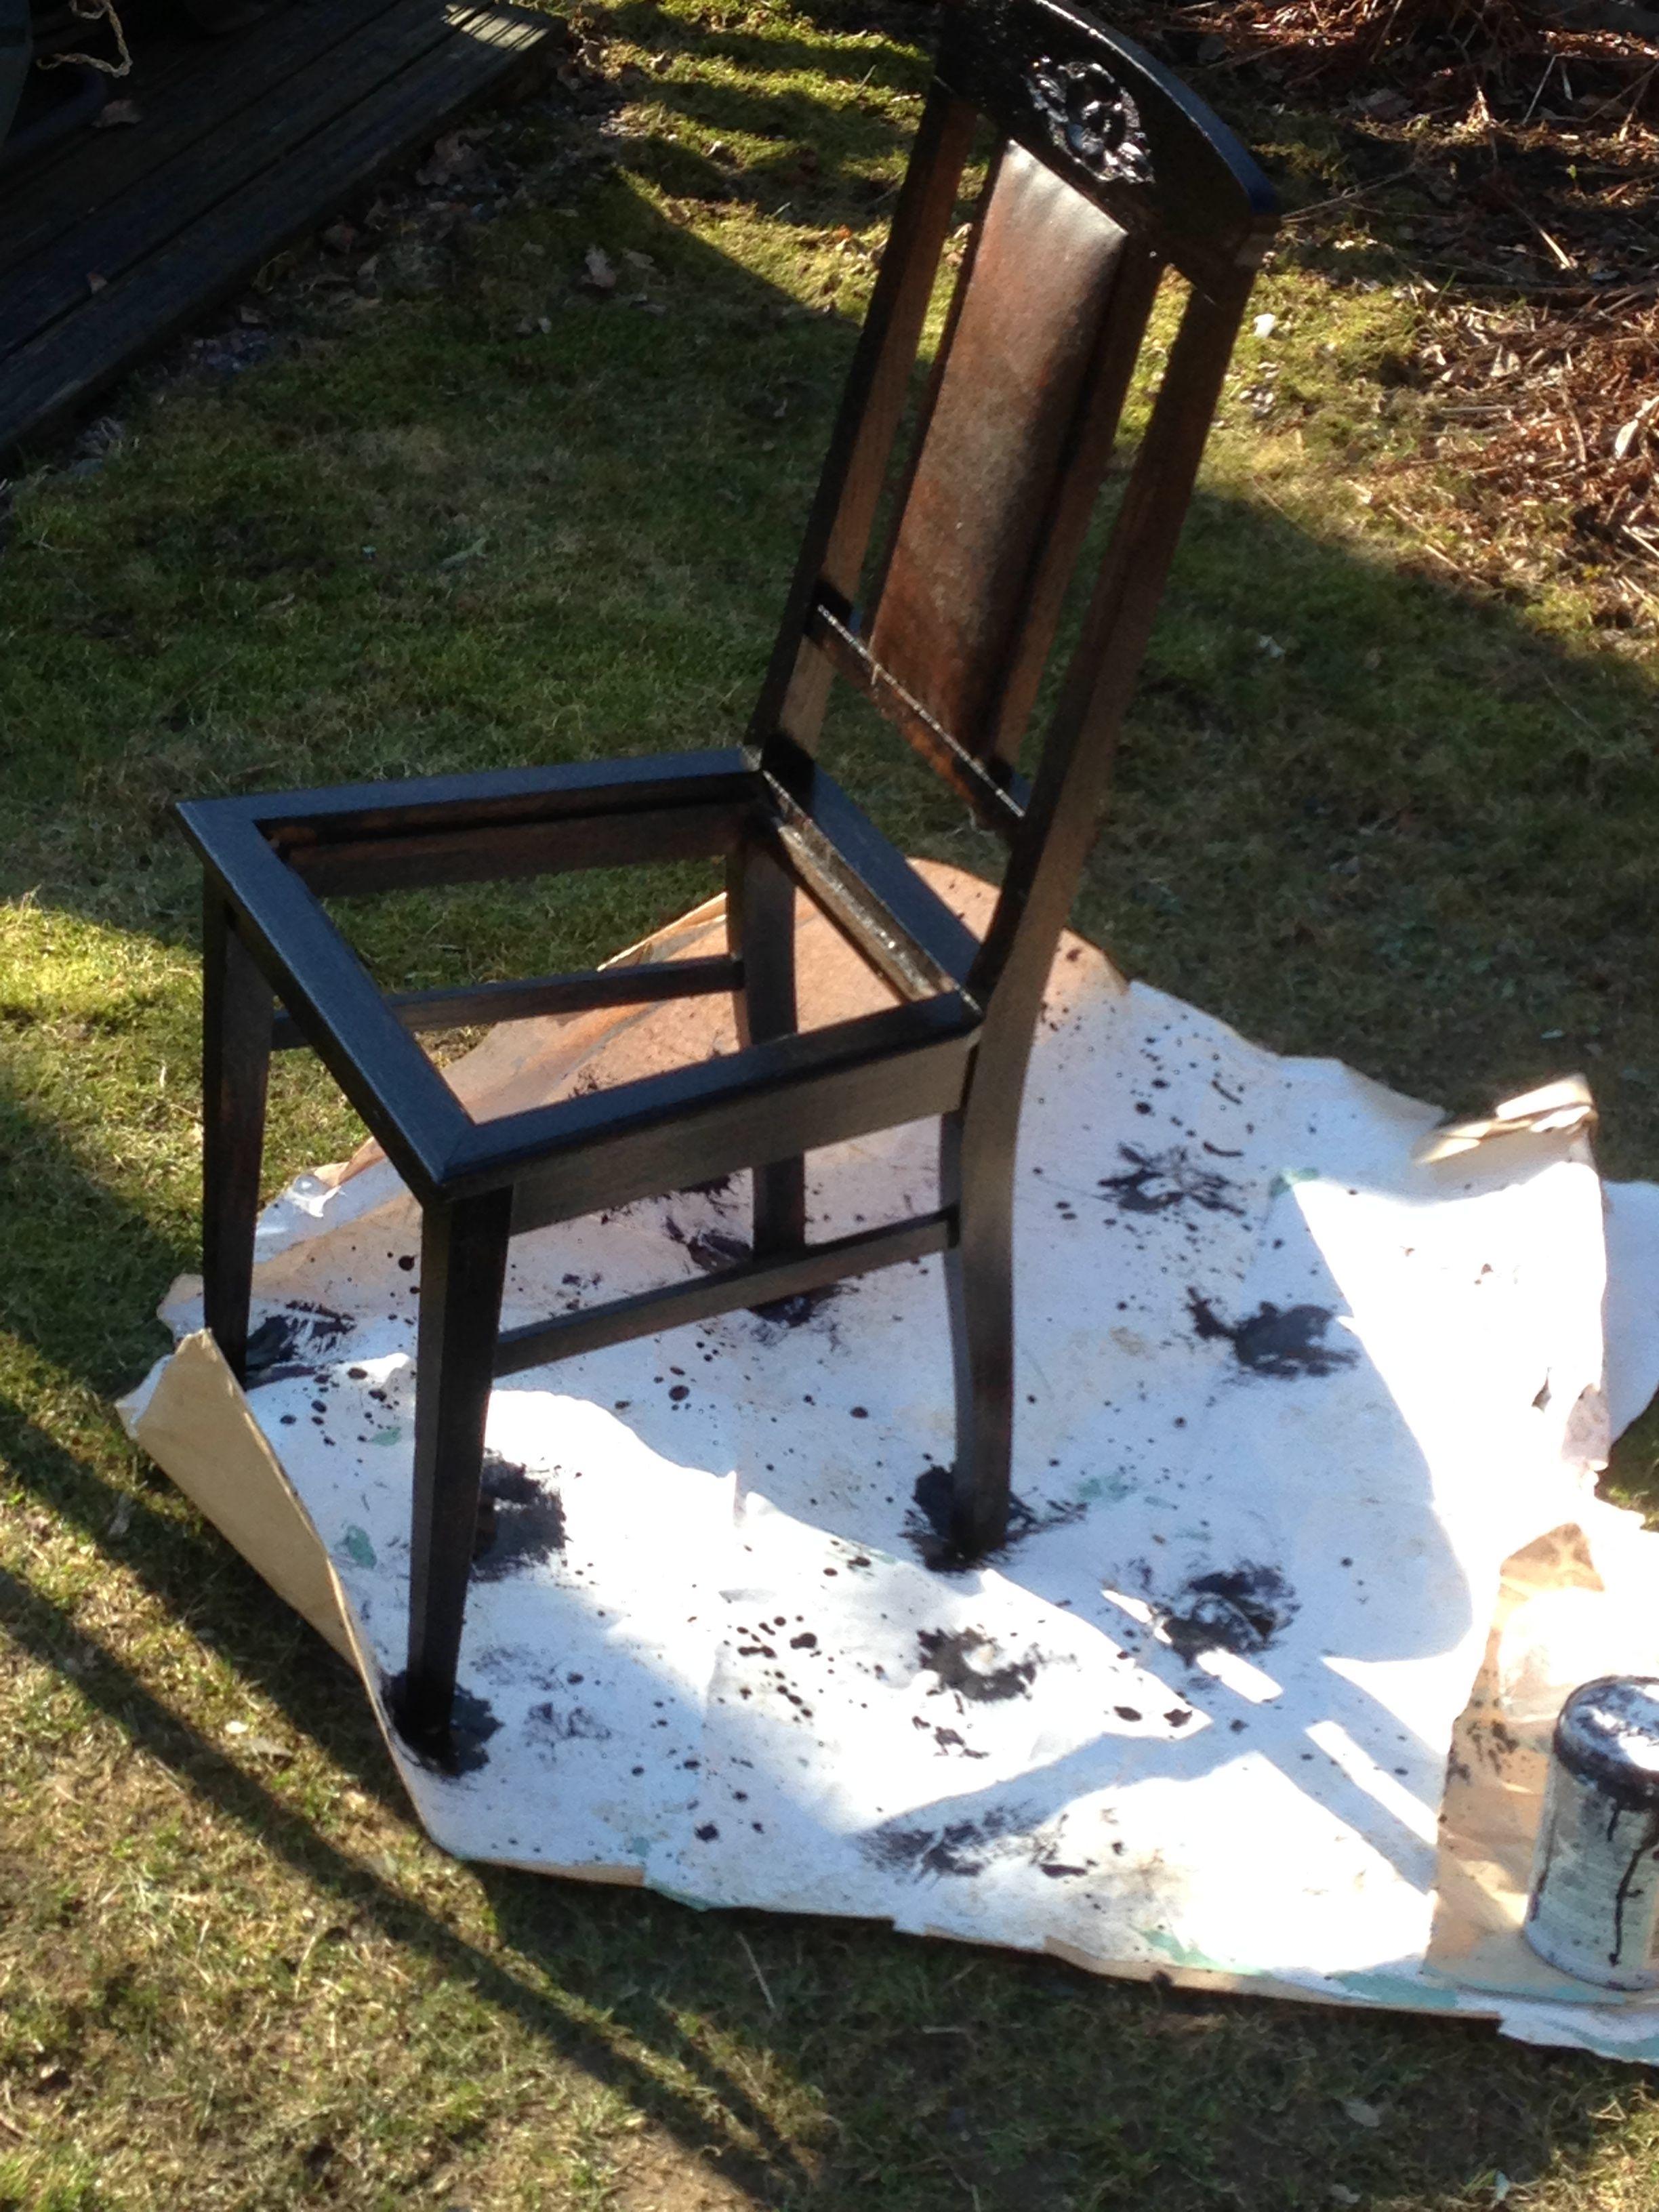 Vanha tuoli sai uuden värin.